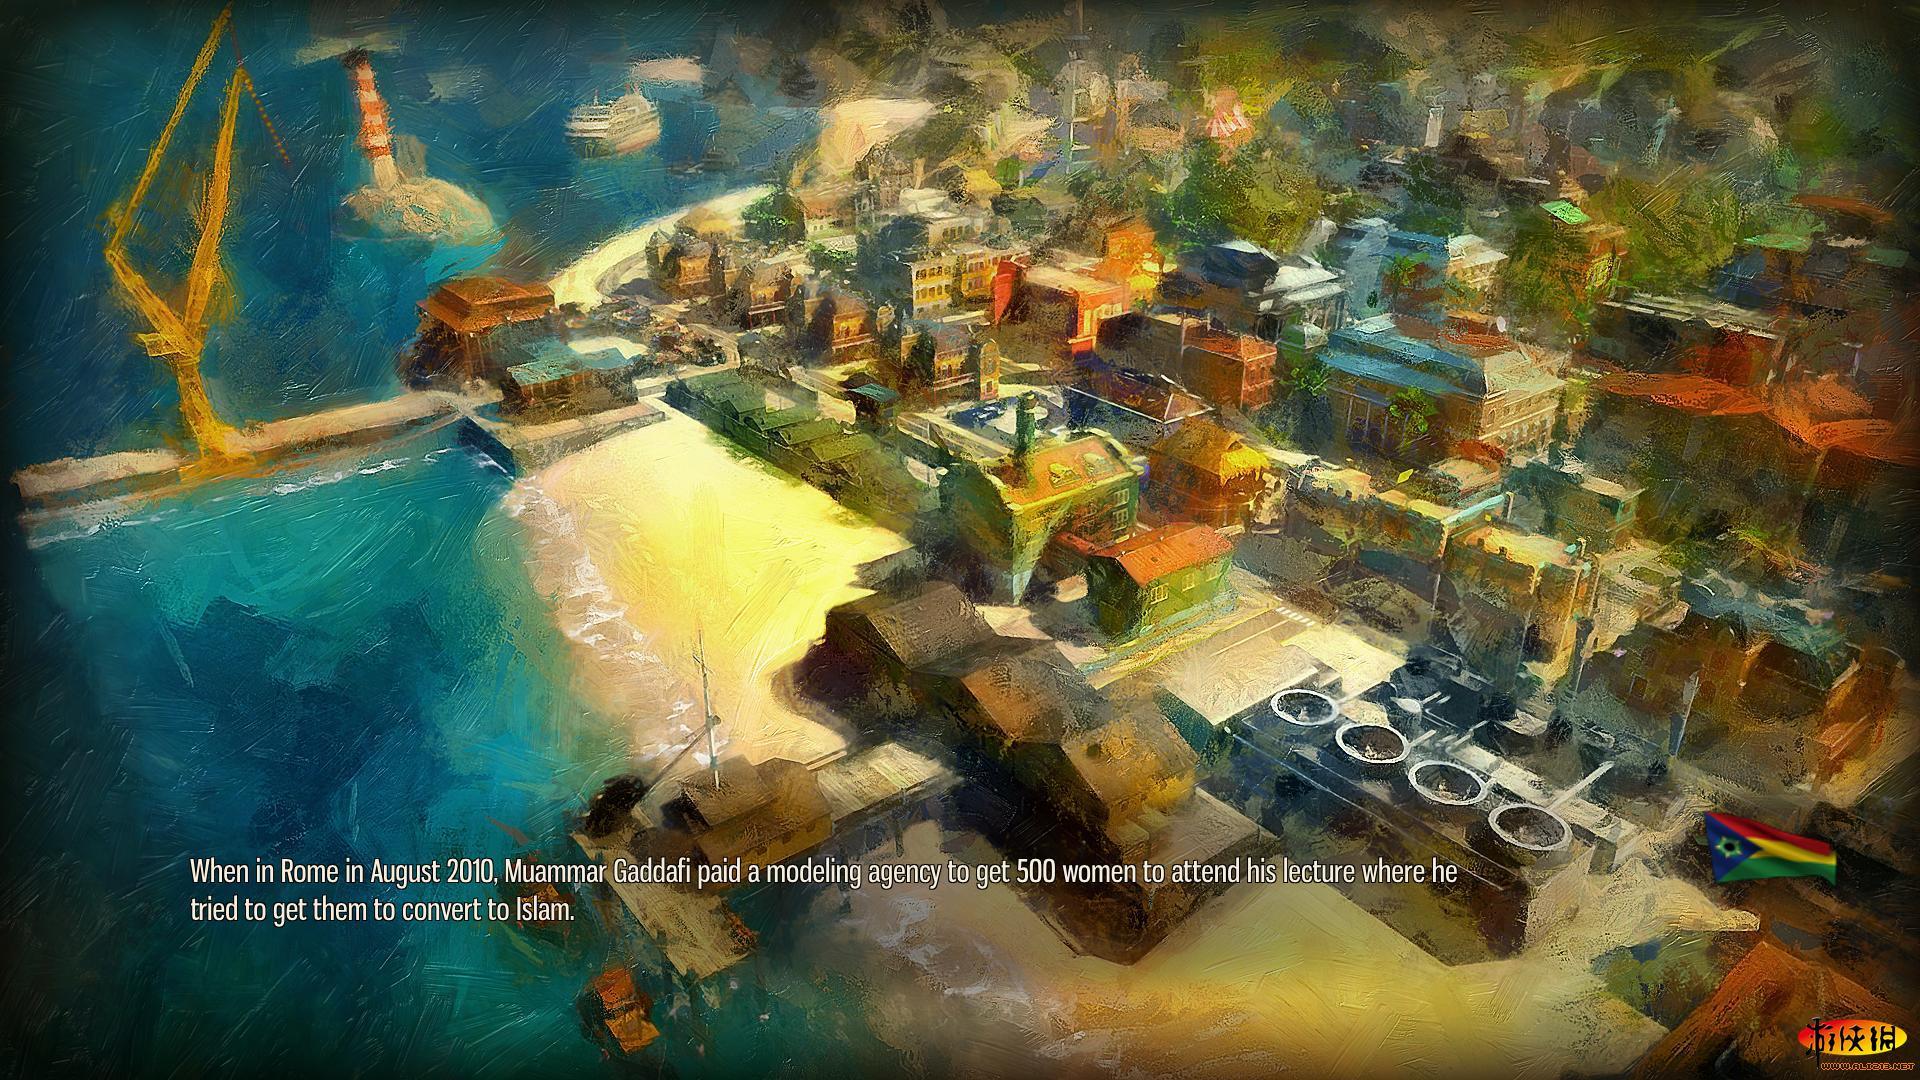 《海岛大亨5》游戏评测:来度假吧!做俺们村的总督吧!【游侠攻略组】